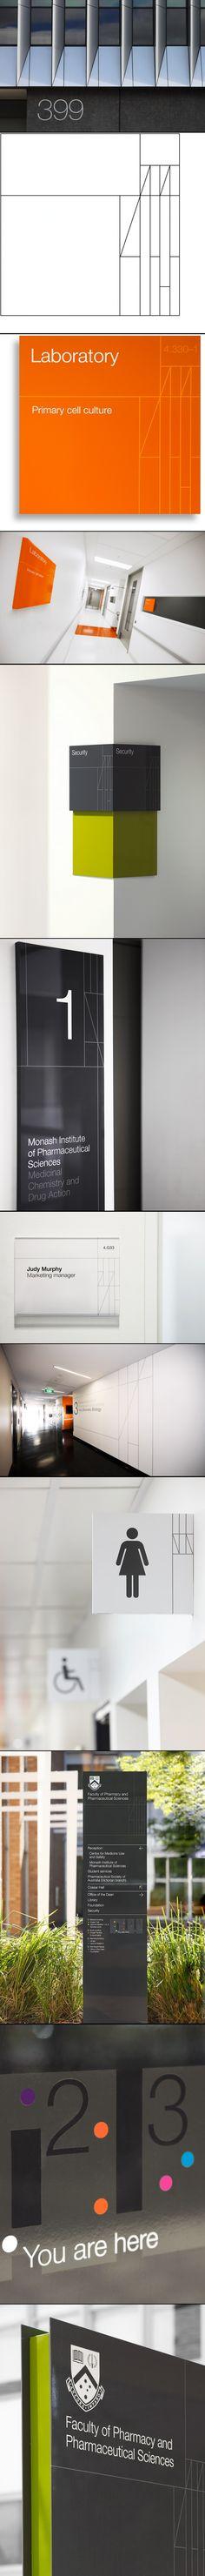 Excelente trabajo de señaletica -Monash Pharma Signage Program – by Hofstede Design